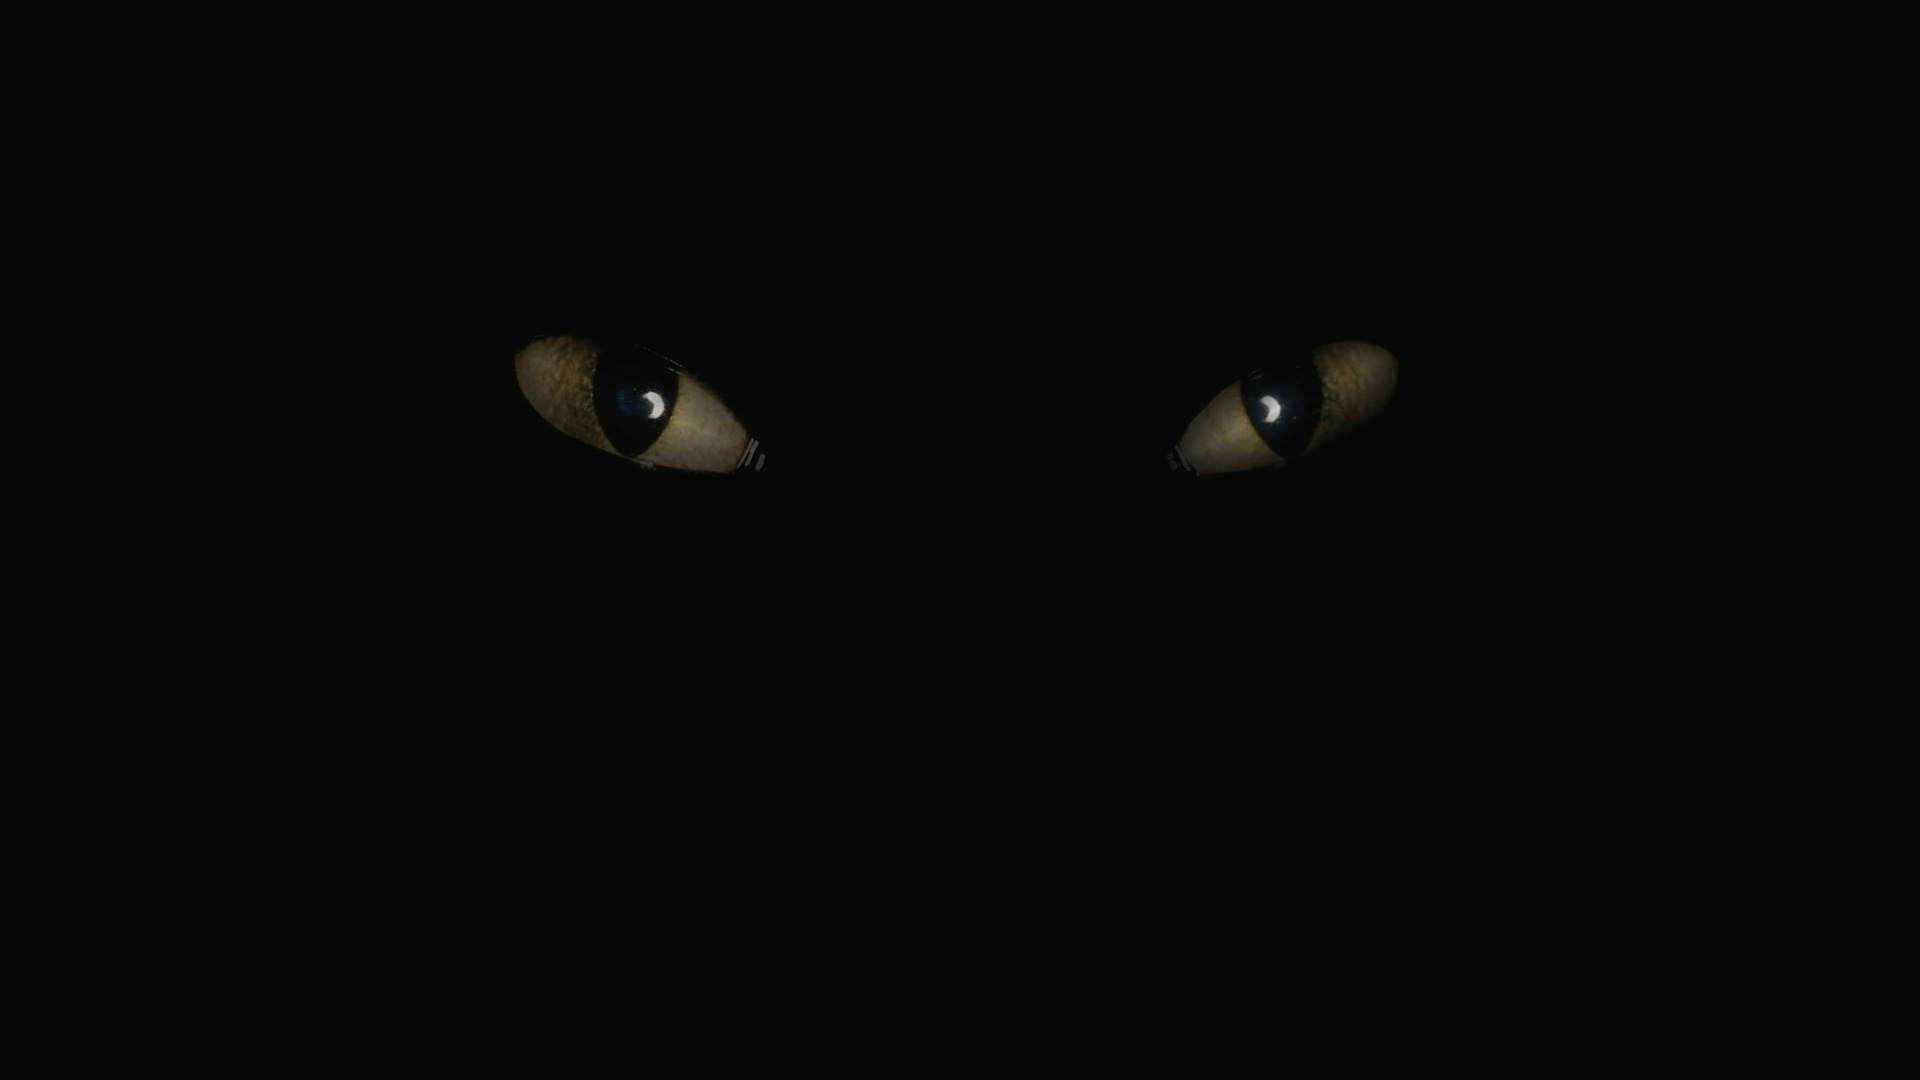 обои на рабочий стол глаза кошки на темном фоне № 237973  скачать